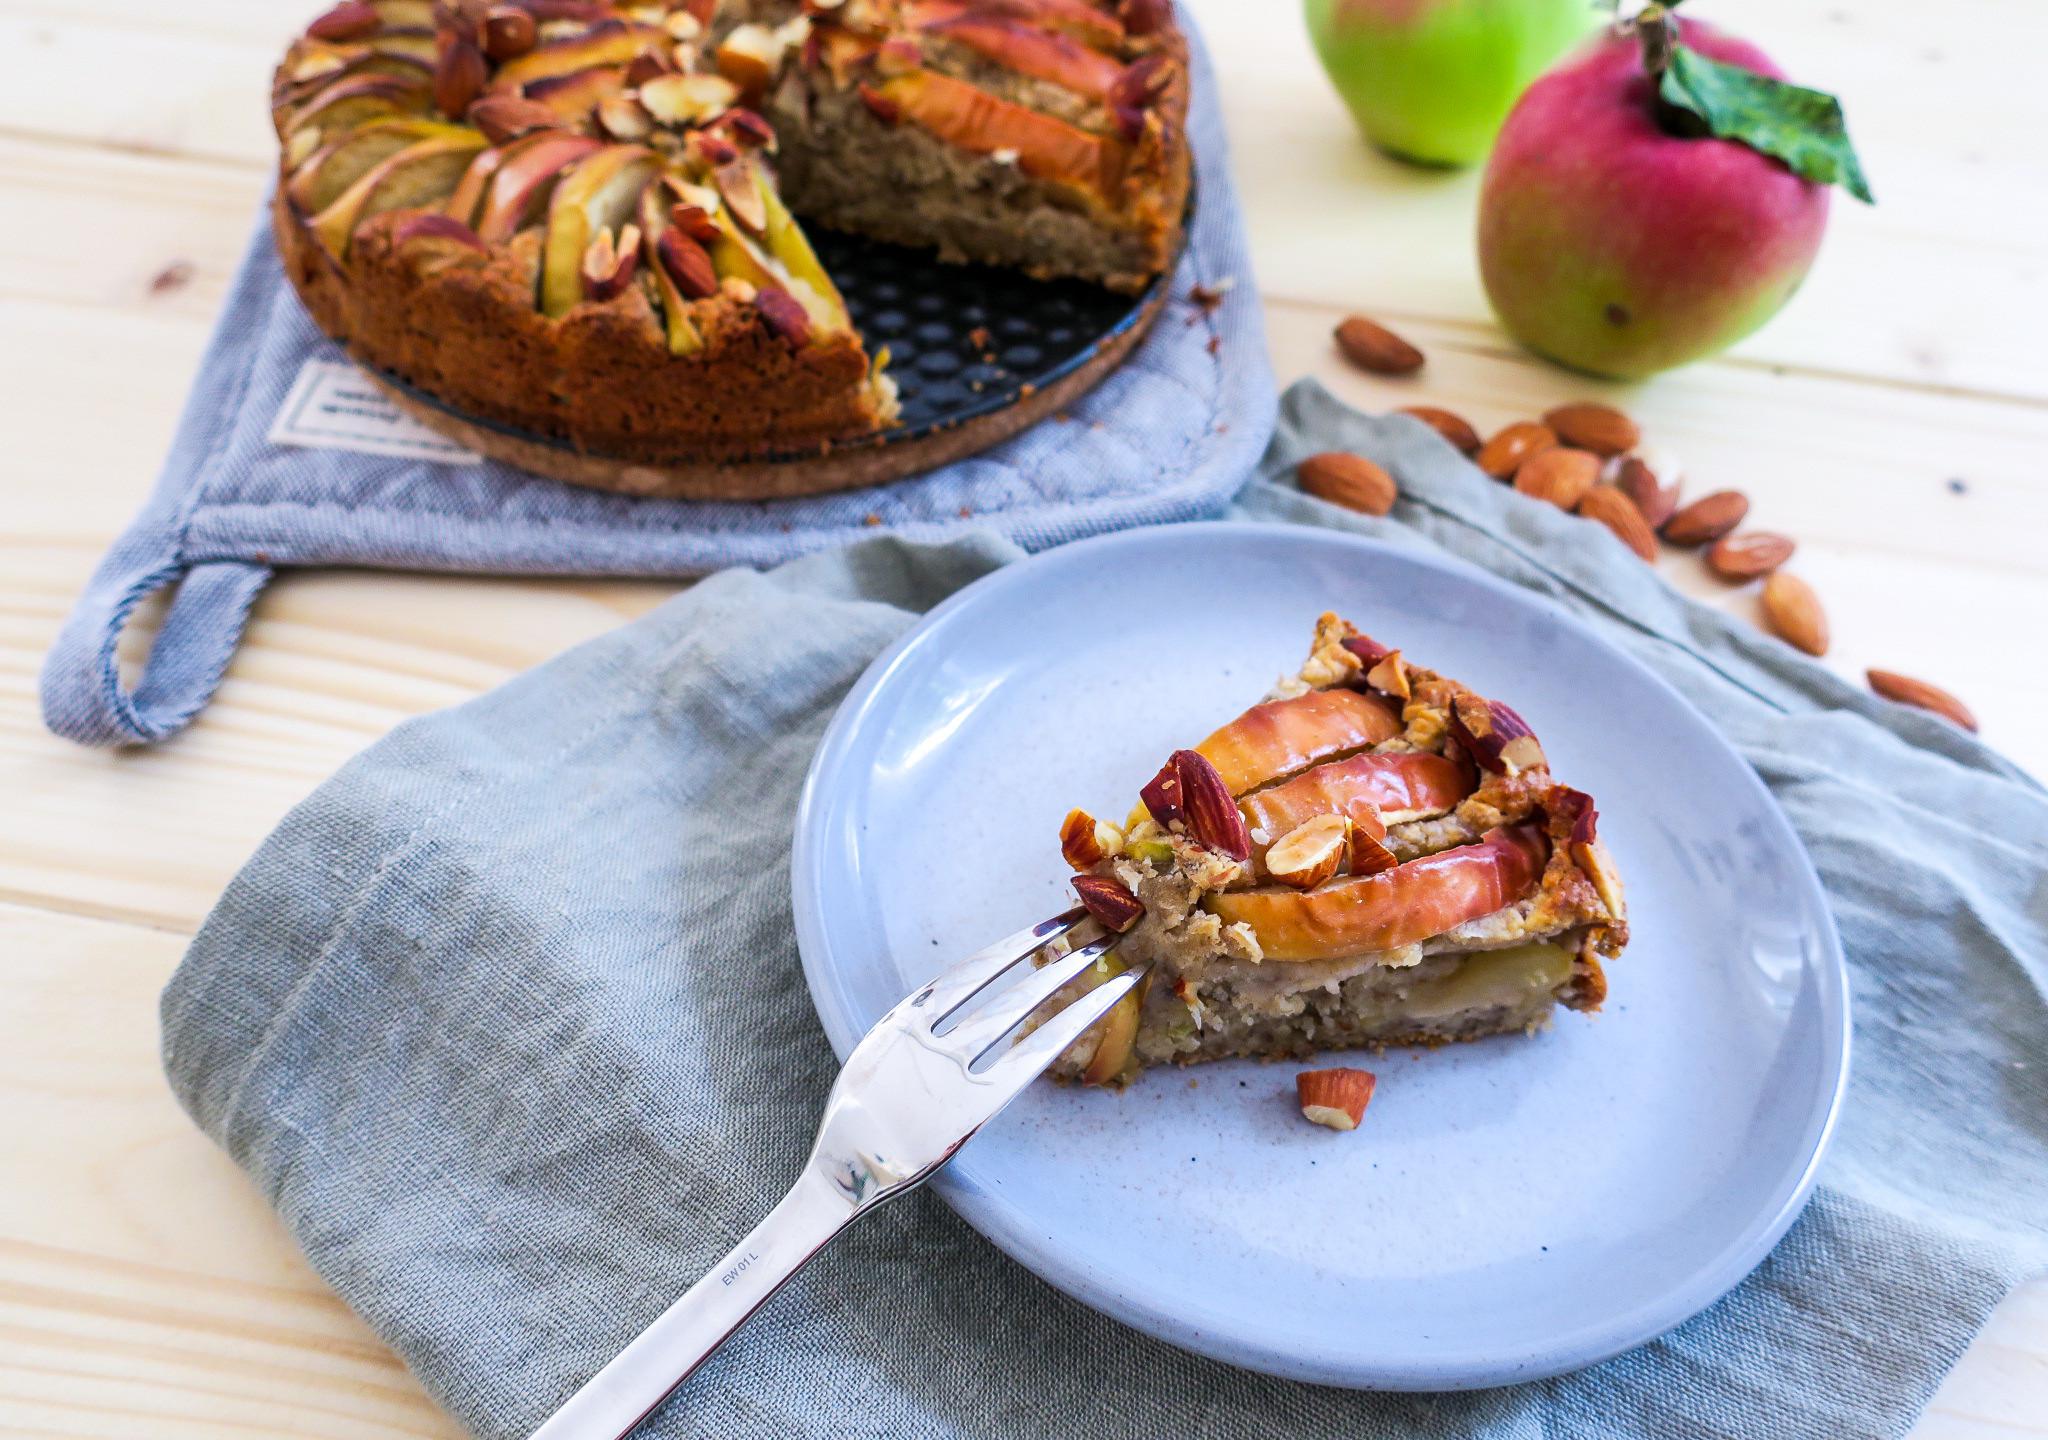 Rezept für einen gesunden veganen Apfelkuchen